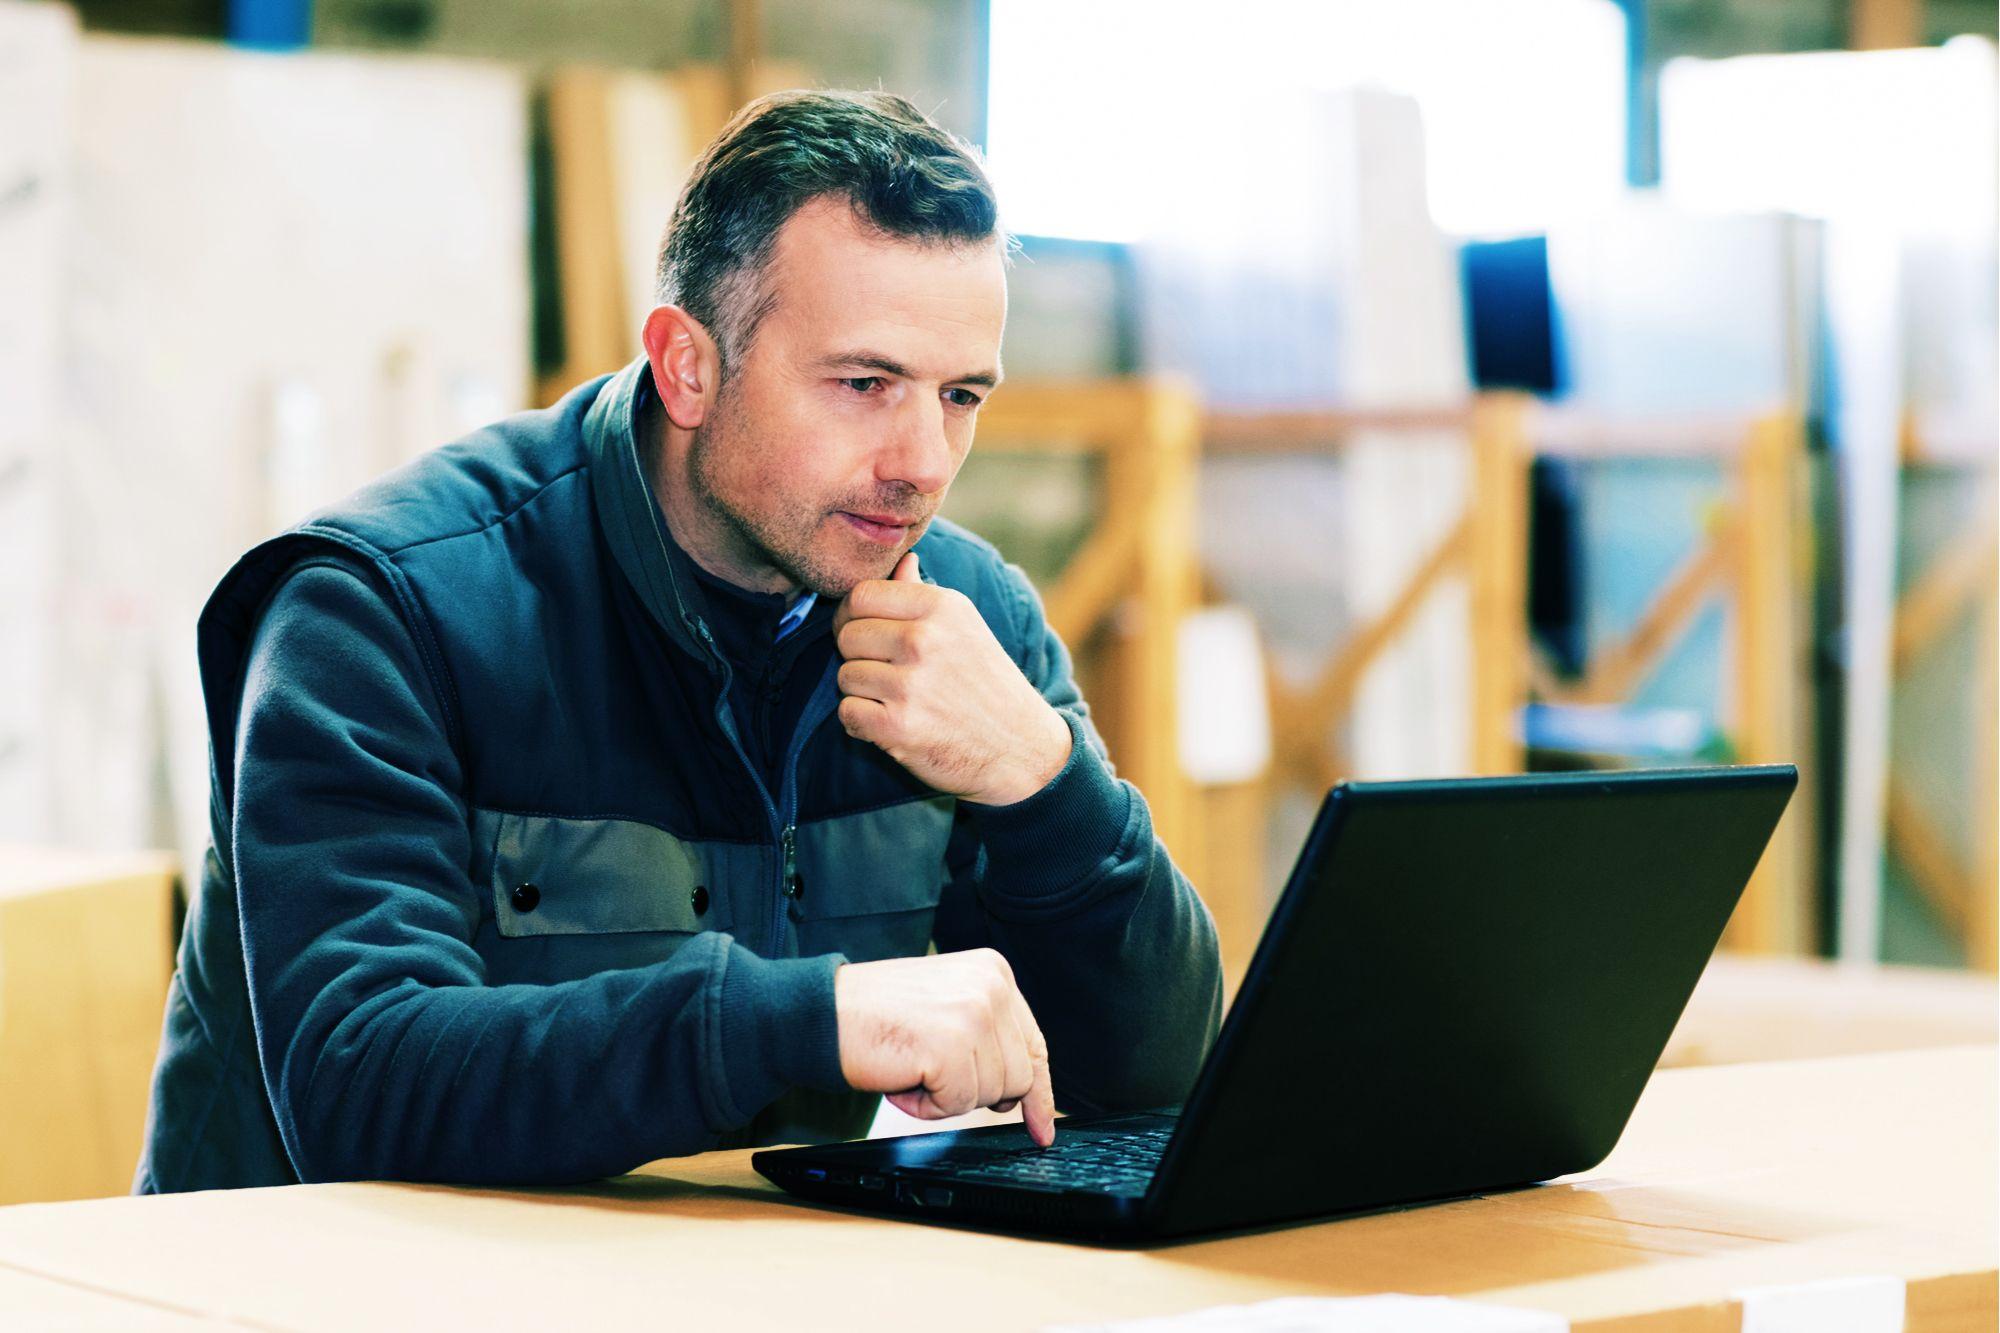 apprentissage ; alternance ; formation ; CFA ; Cerfal ; UFA ; Contrat d'apprentissage, apprentissage, travailleur handicapé, aide aux entreprises, rupture contrat apprentissage, contrat alternance, aide embauche apprenti, stage en entreprise, aide à l'apprentissage, recrutement